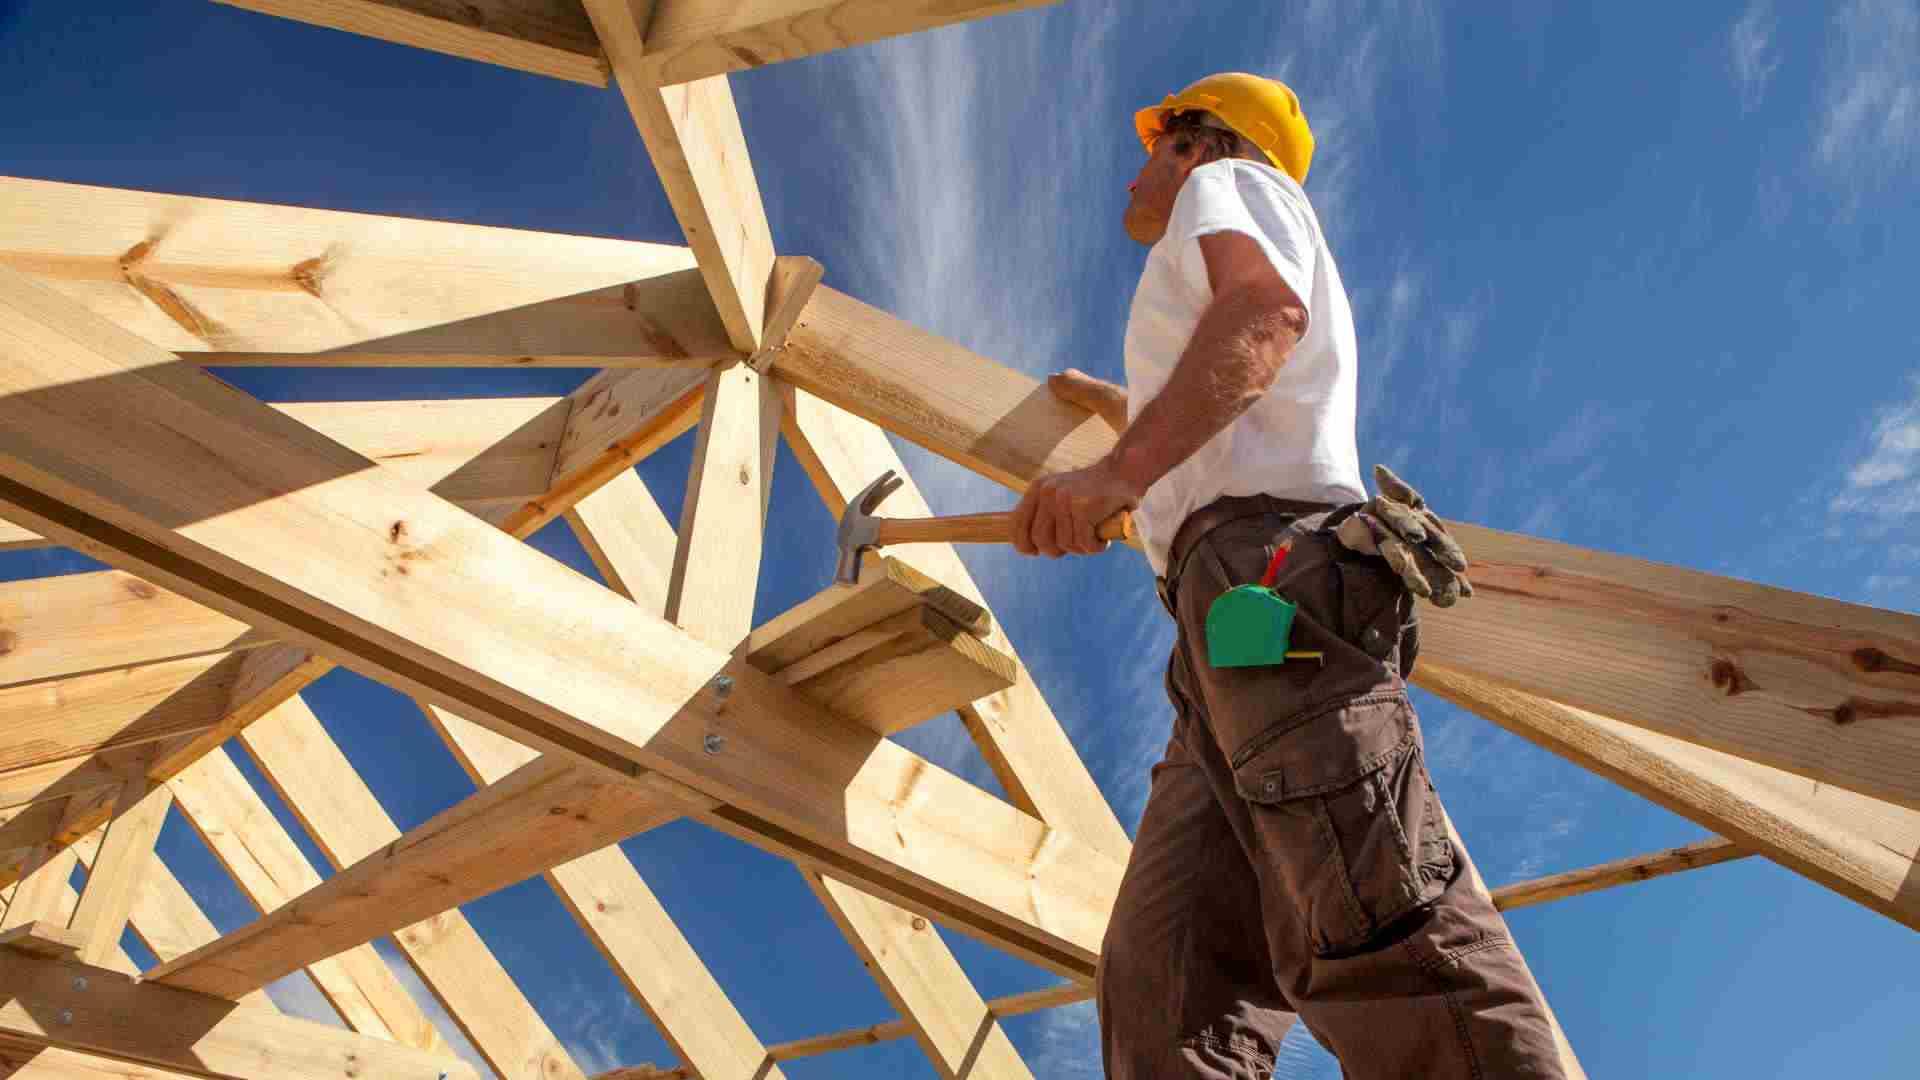 Queensland builders at capacity as HomeBuilder strains industry